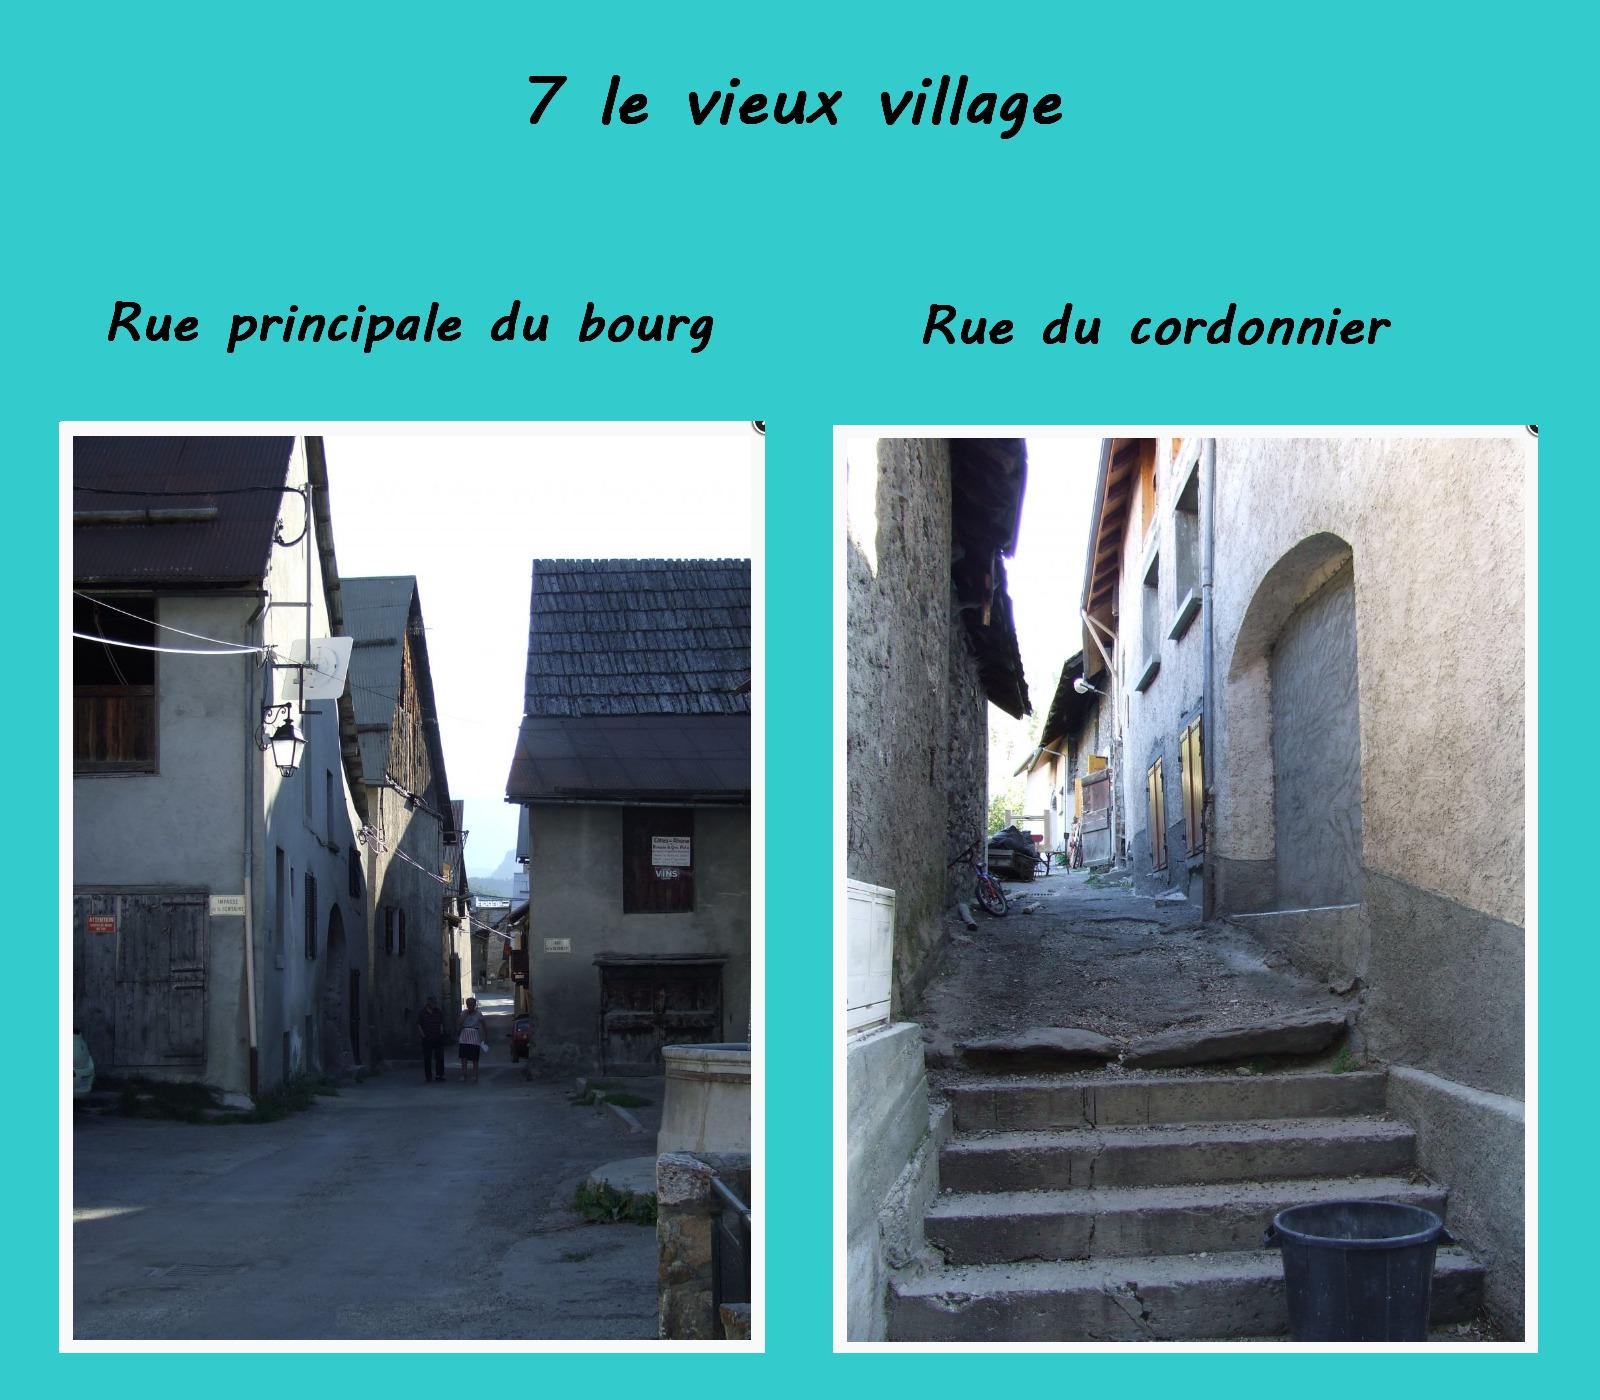 7-le-vieux-village-ConvertImage.jpg